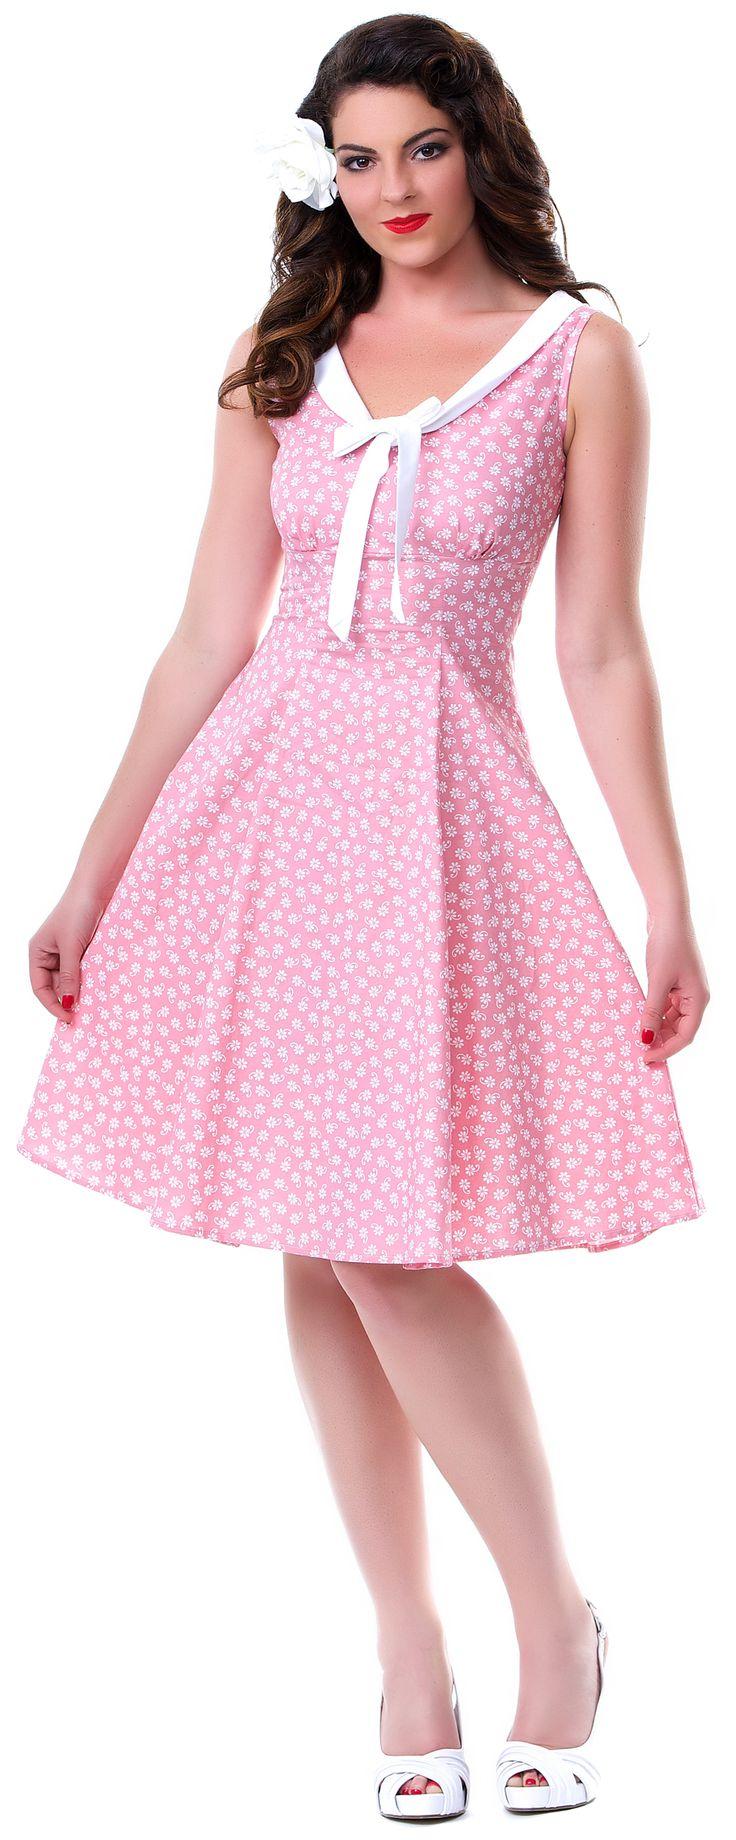 Popular Vintage Toddler DressesBuy Cheap Vintage Toddler